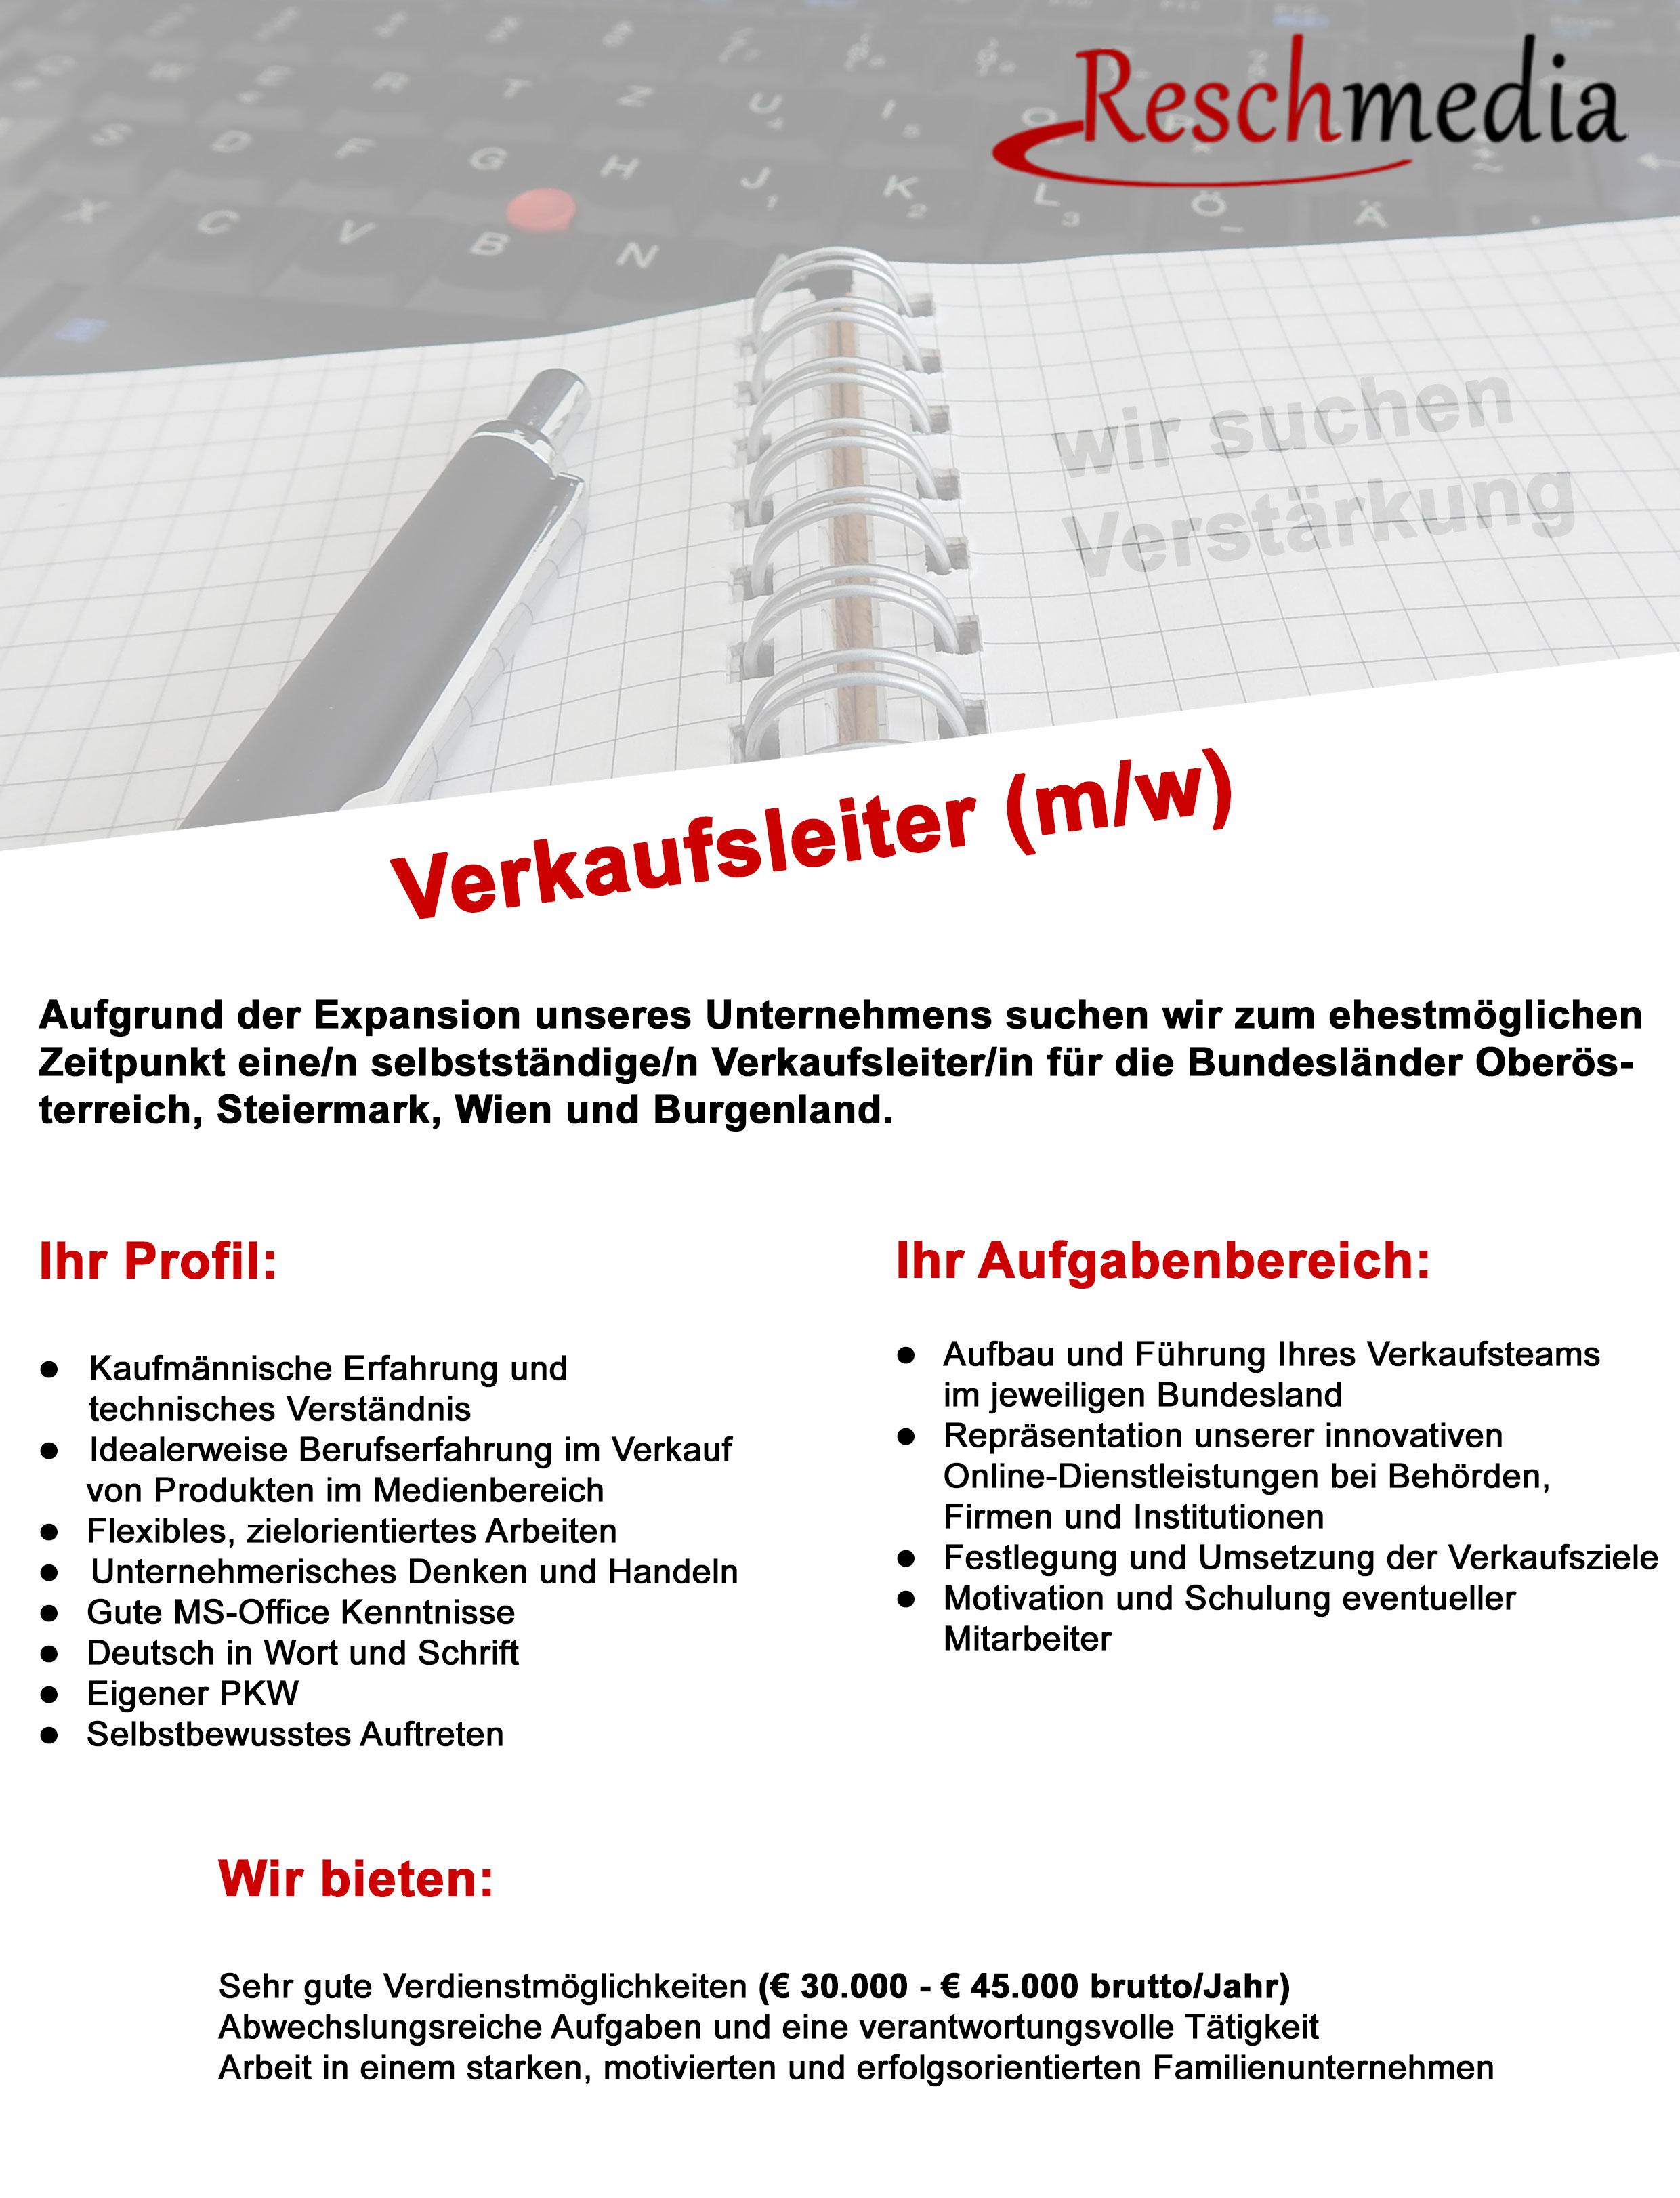 Schön Verkaufsleiter Lebenslauf 2015 Fotos - Entry Level Resume ...